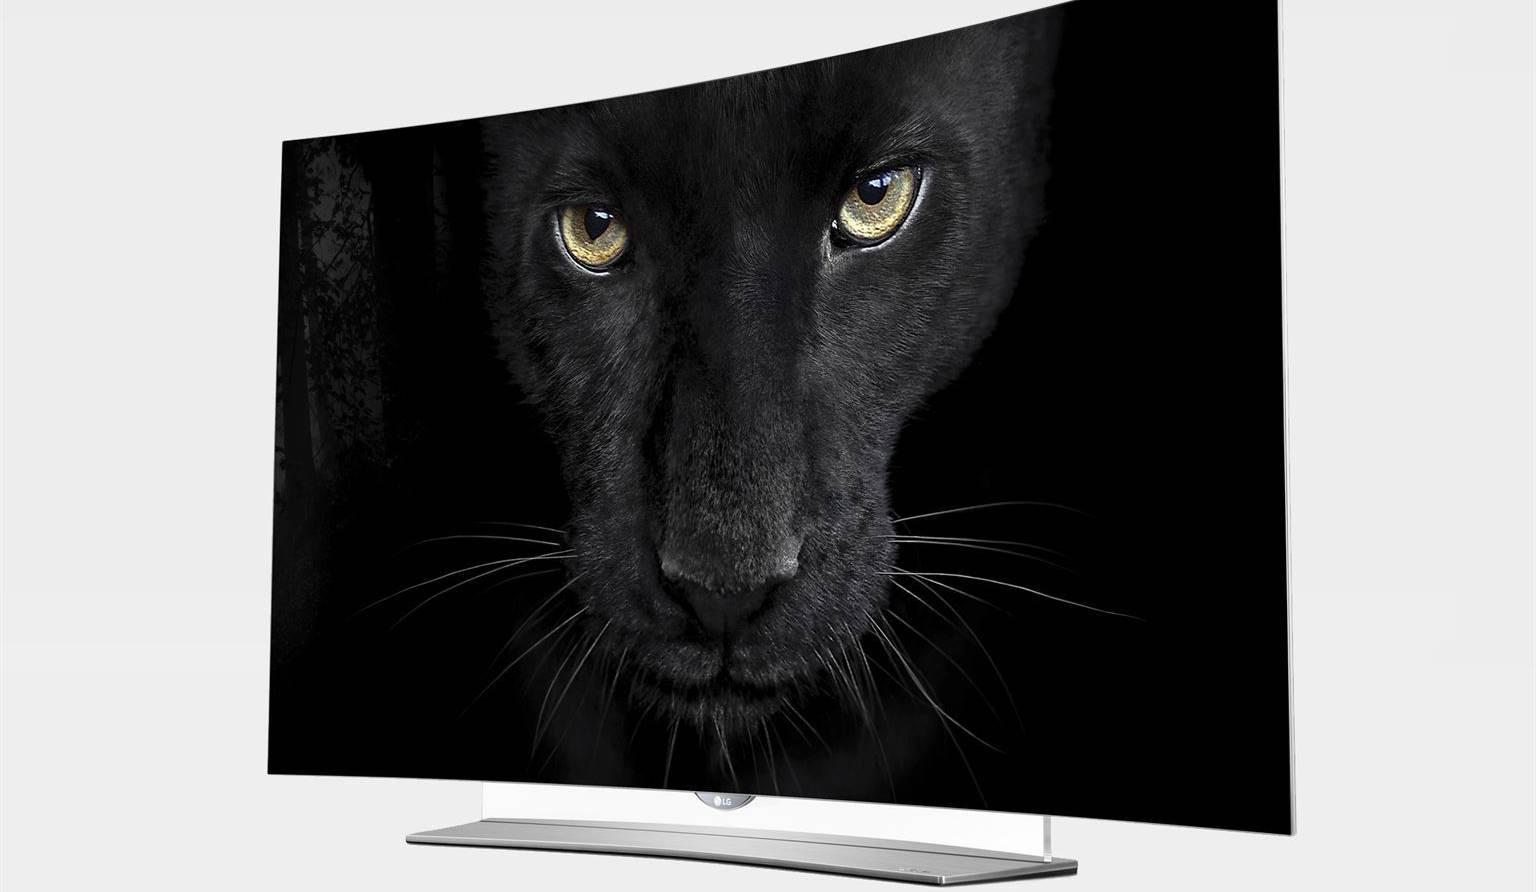 Téléviseurs à écran incurvé: voici ce qu'en pensent les experts